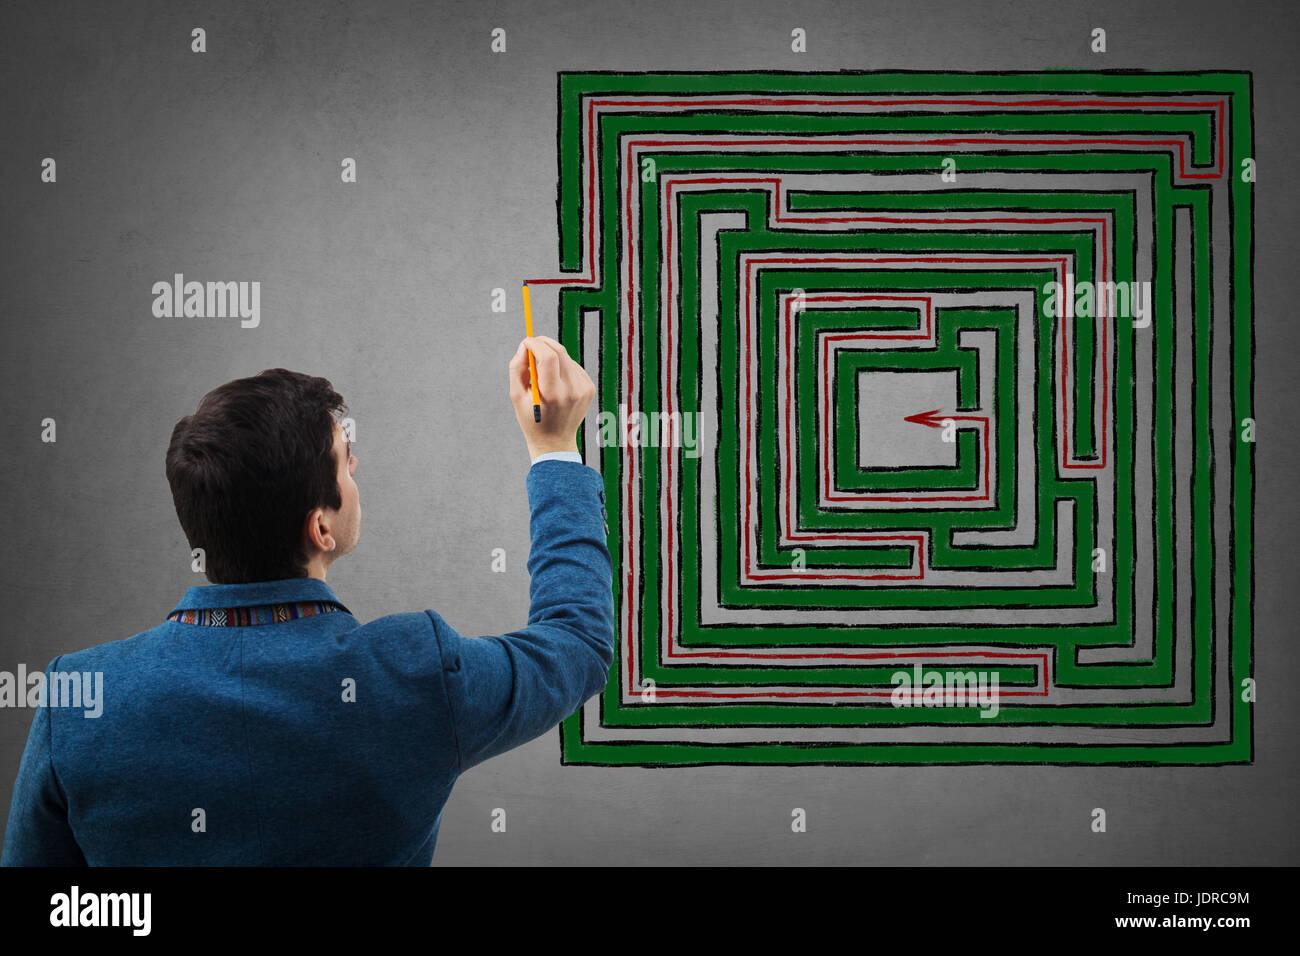 Giovane imprenditore tenendo una matita in mano a cercare di trovare la soluzione di un fantasioso labirinto quadrato, Immagini Stock